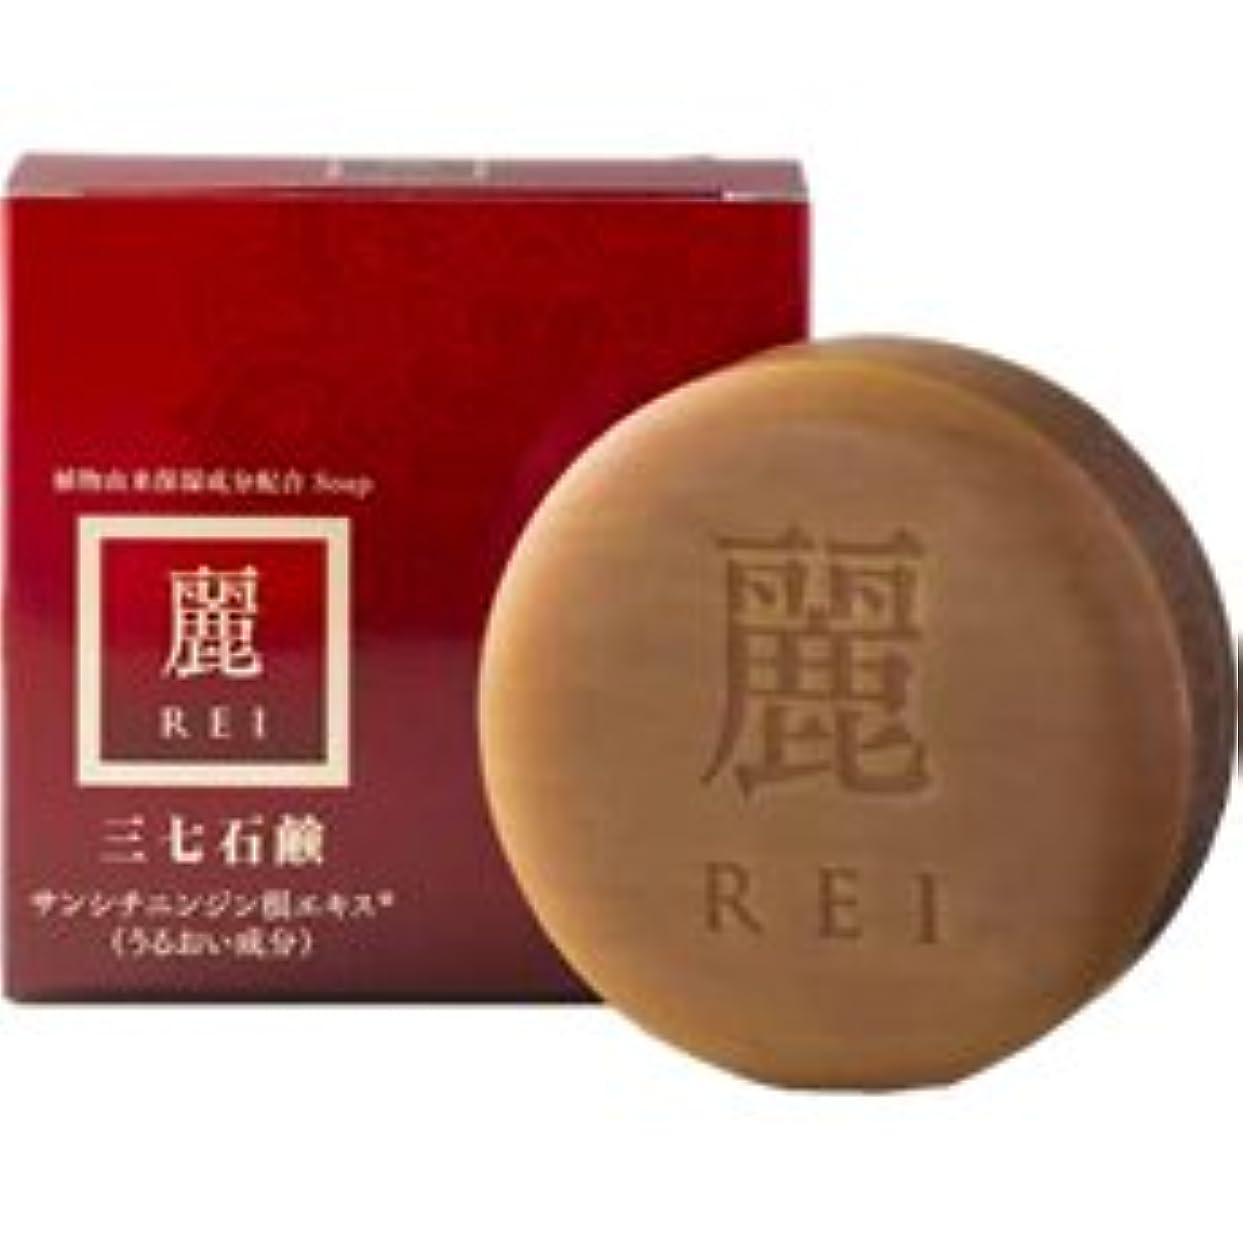 み一生海洋三七石鹸 麗(れい) 100g